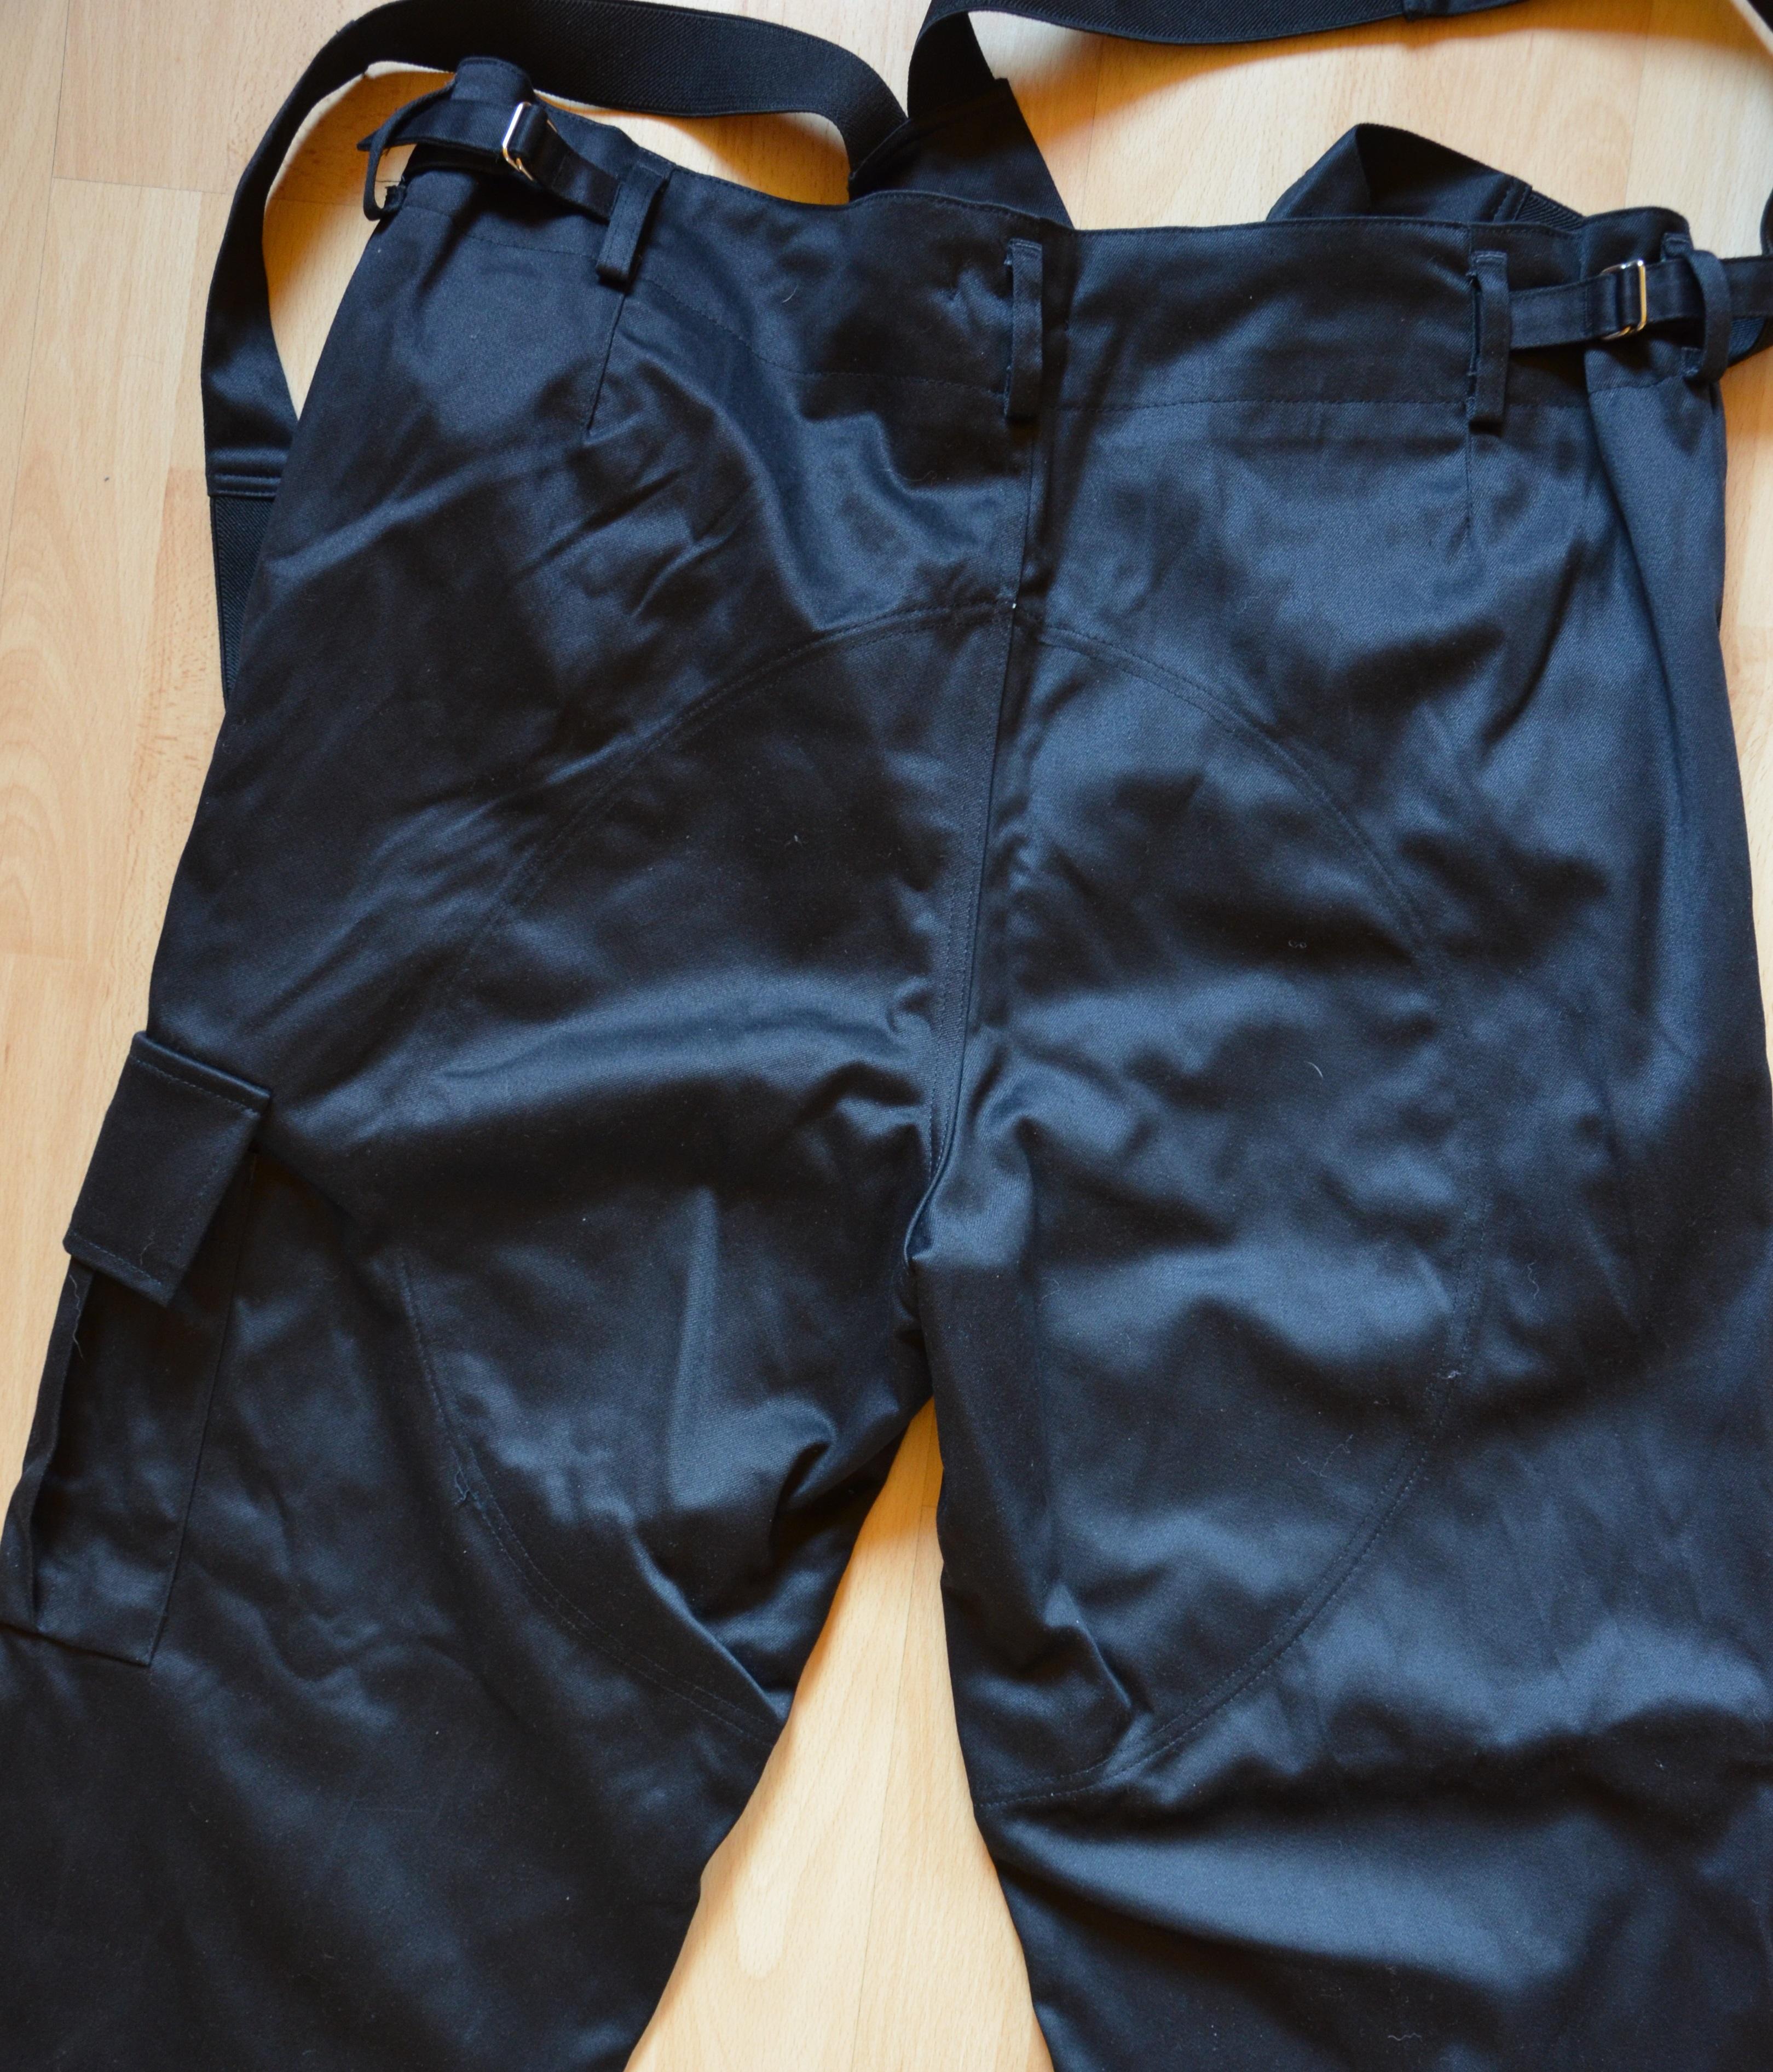 4e164f3eab62a2 60 Mundur Czołgisty Czarne Wz Spodnie W qptOgRPwqx